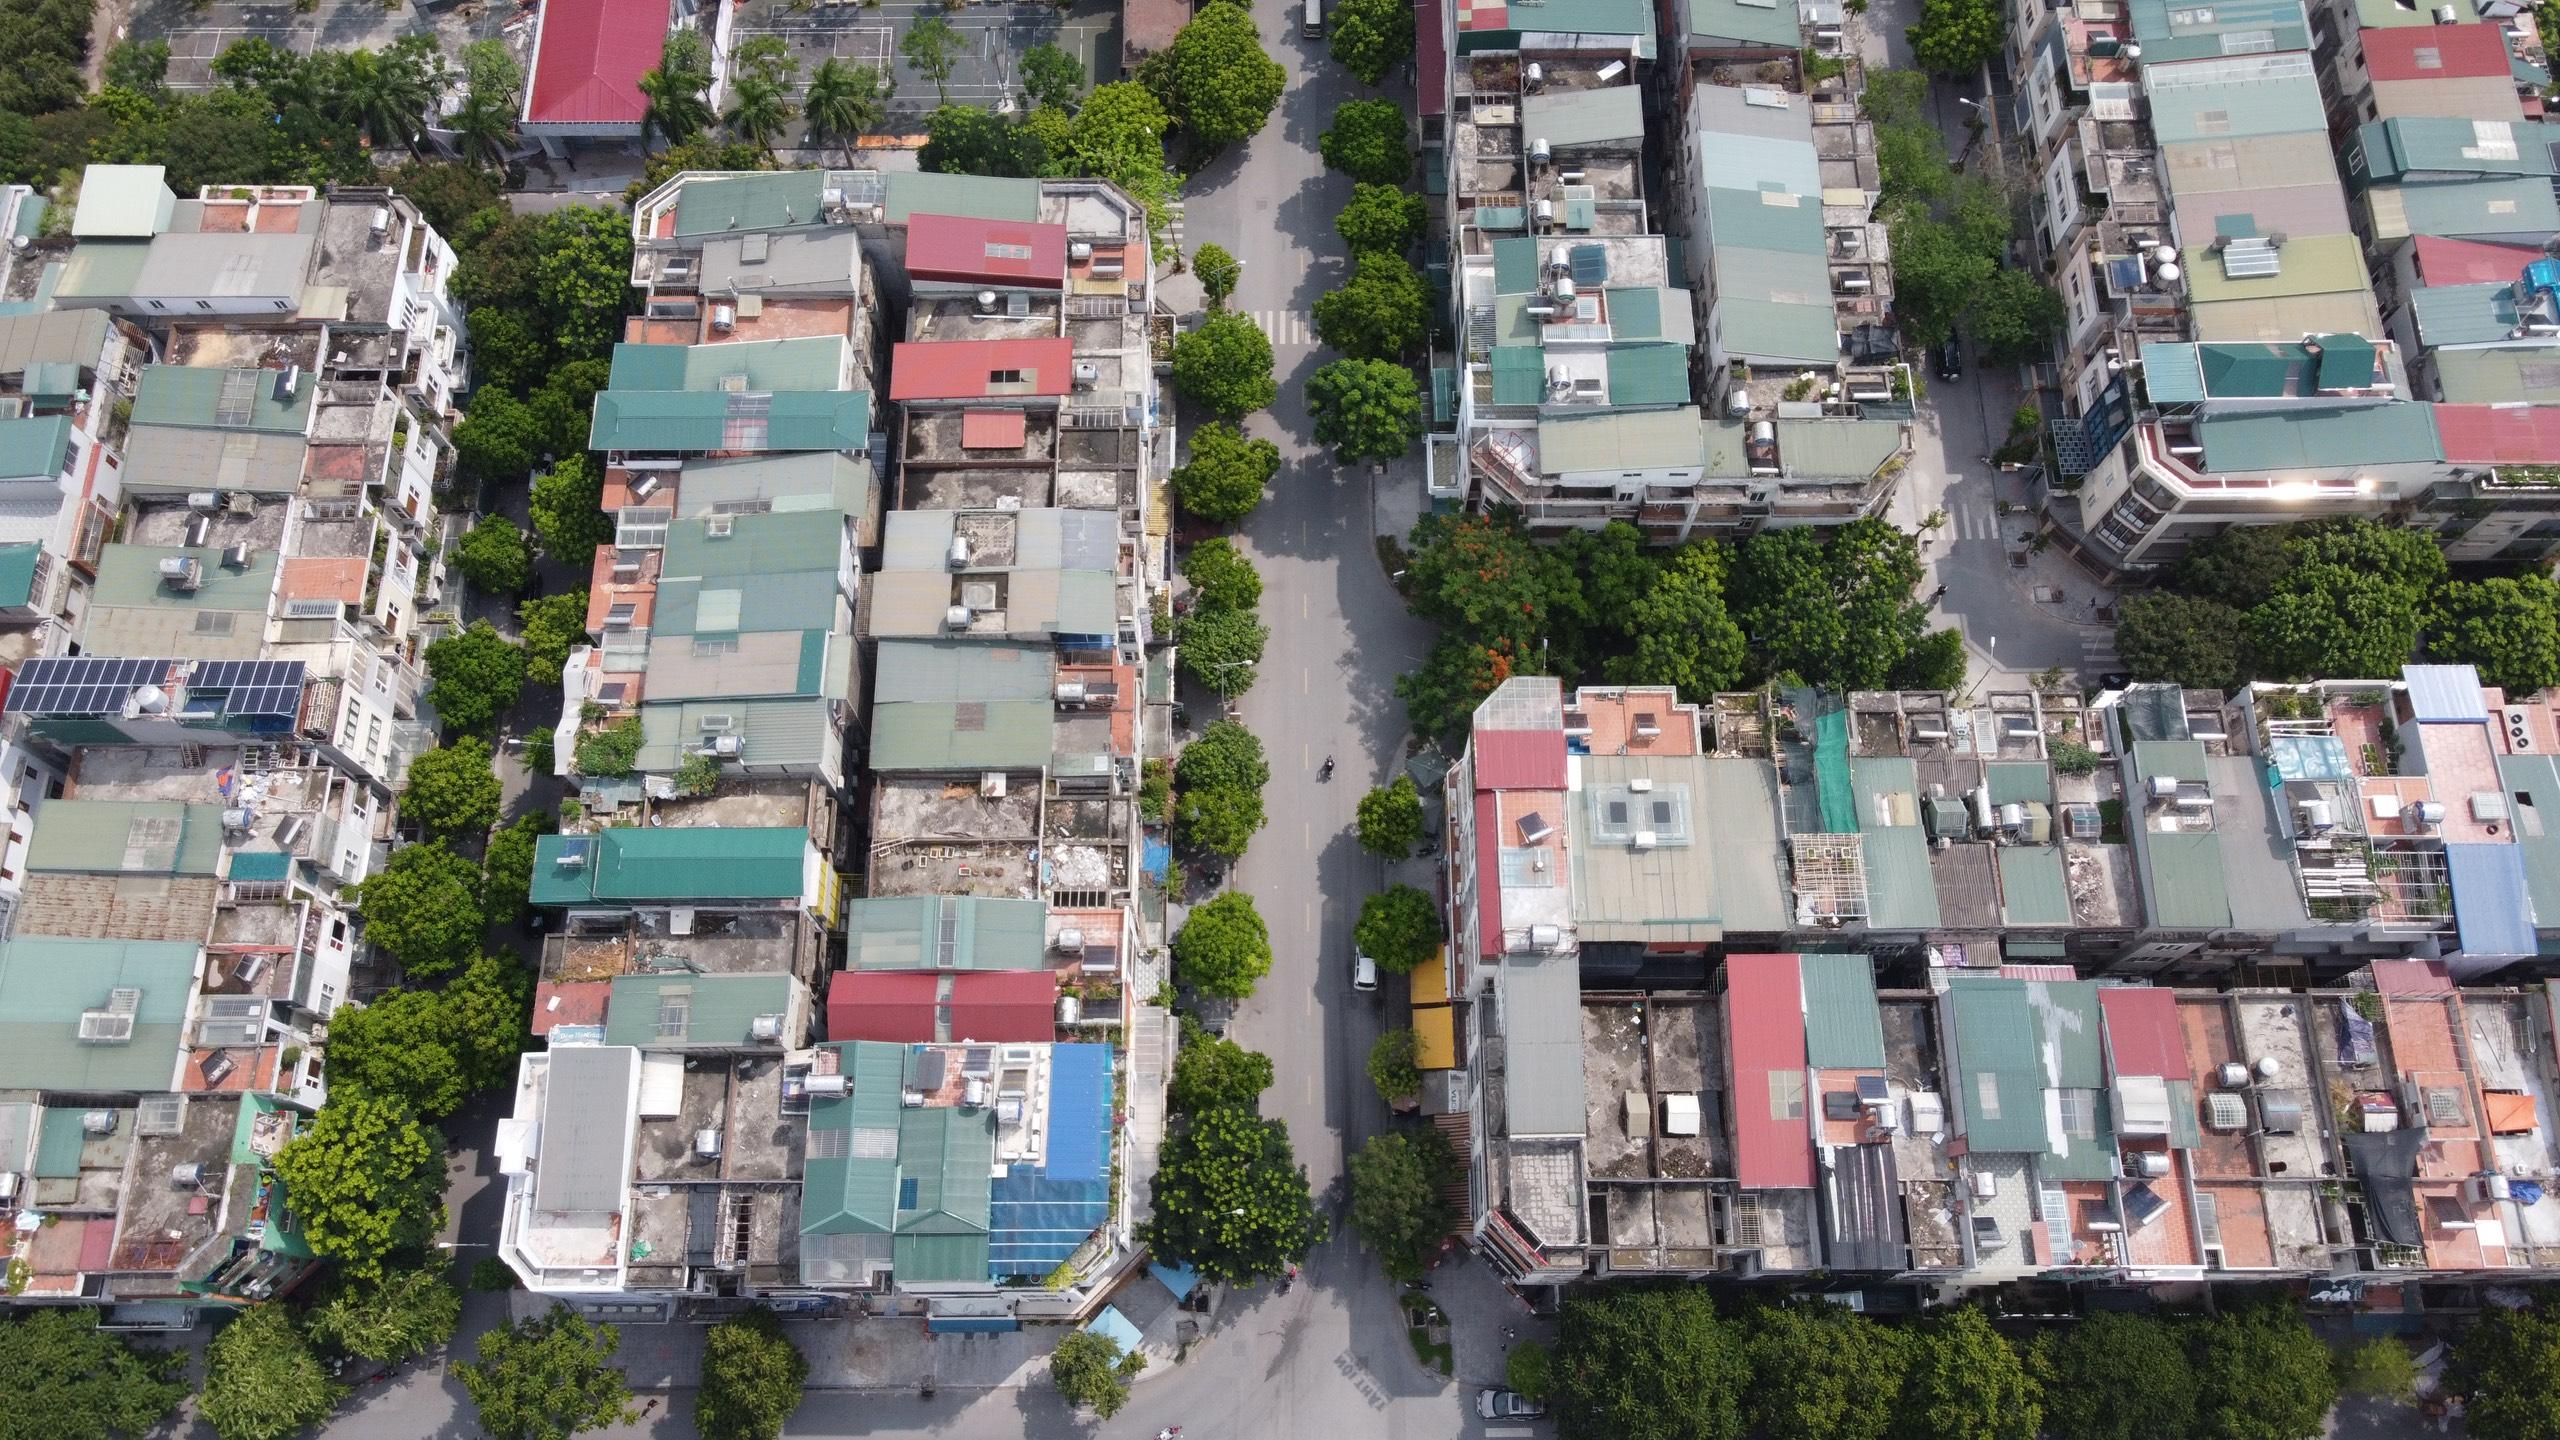 Bán Liền kề phân khu LKCVP, mặt đường 12m, nhà hướng Đông - Bắc, Khu đô thị Văn Phú [#H2948.2207]